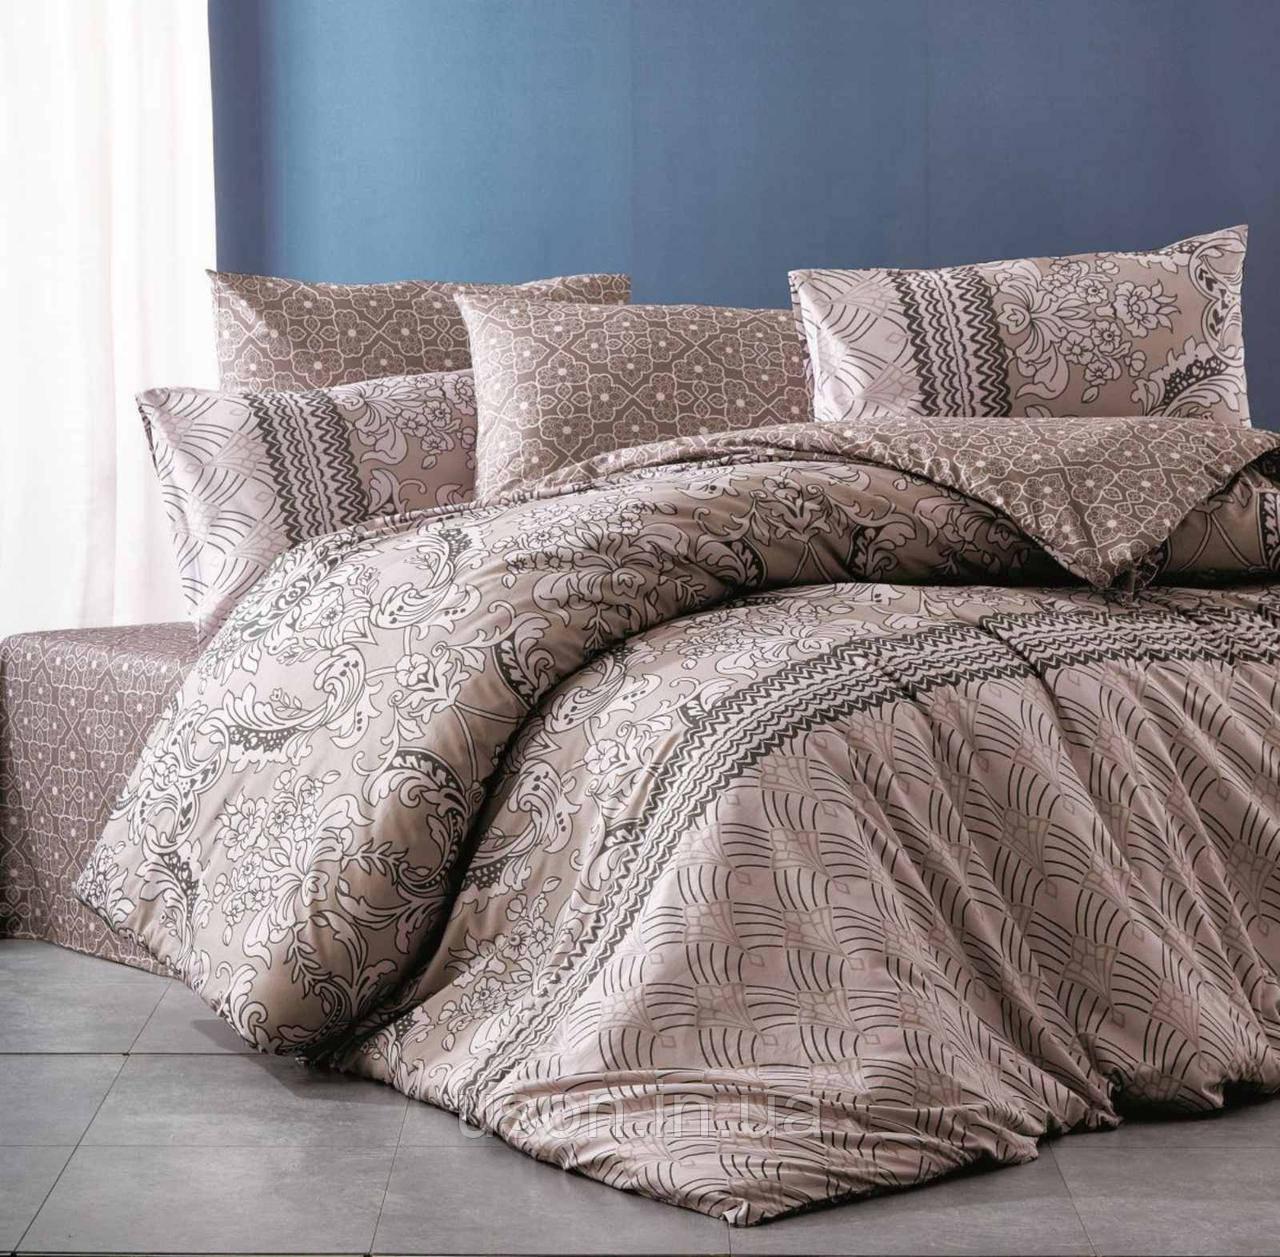 Комплект постельного белья из фланели ТМ Belizza Sante kahve Двуспальный Евро